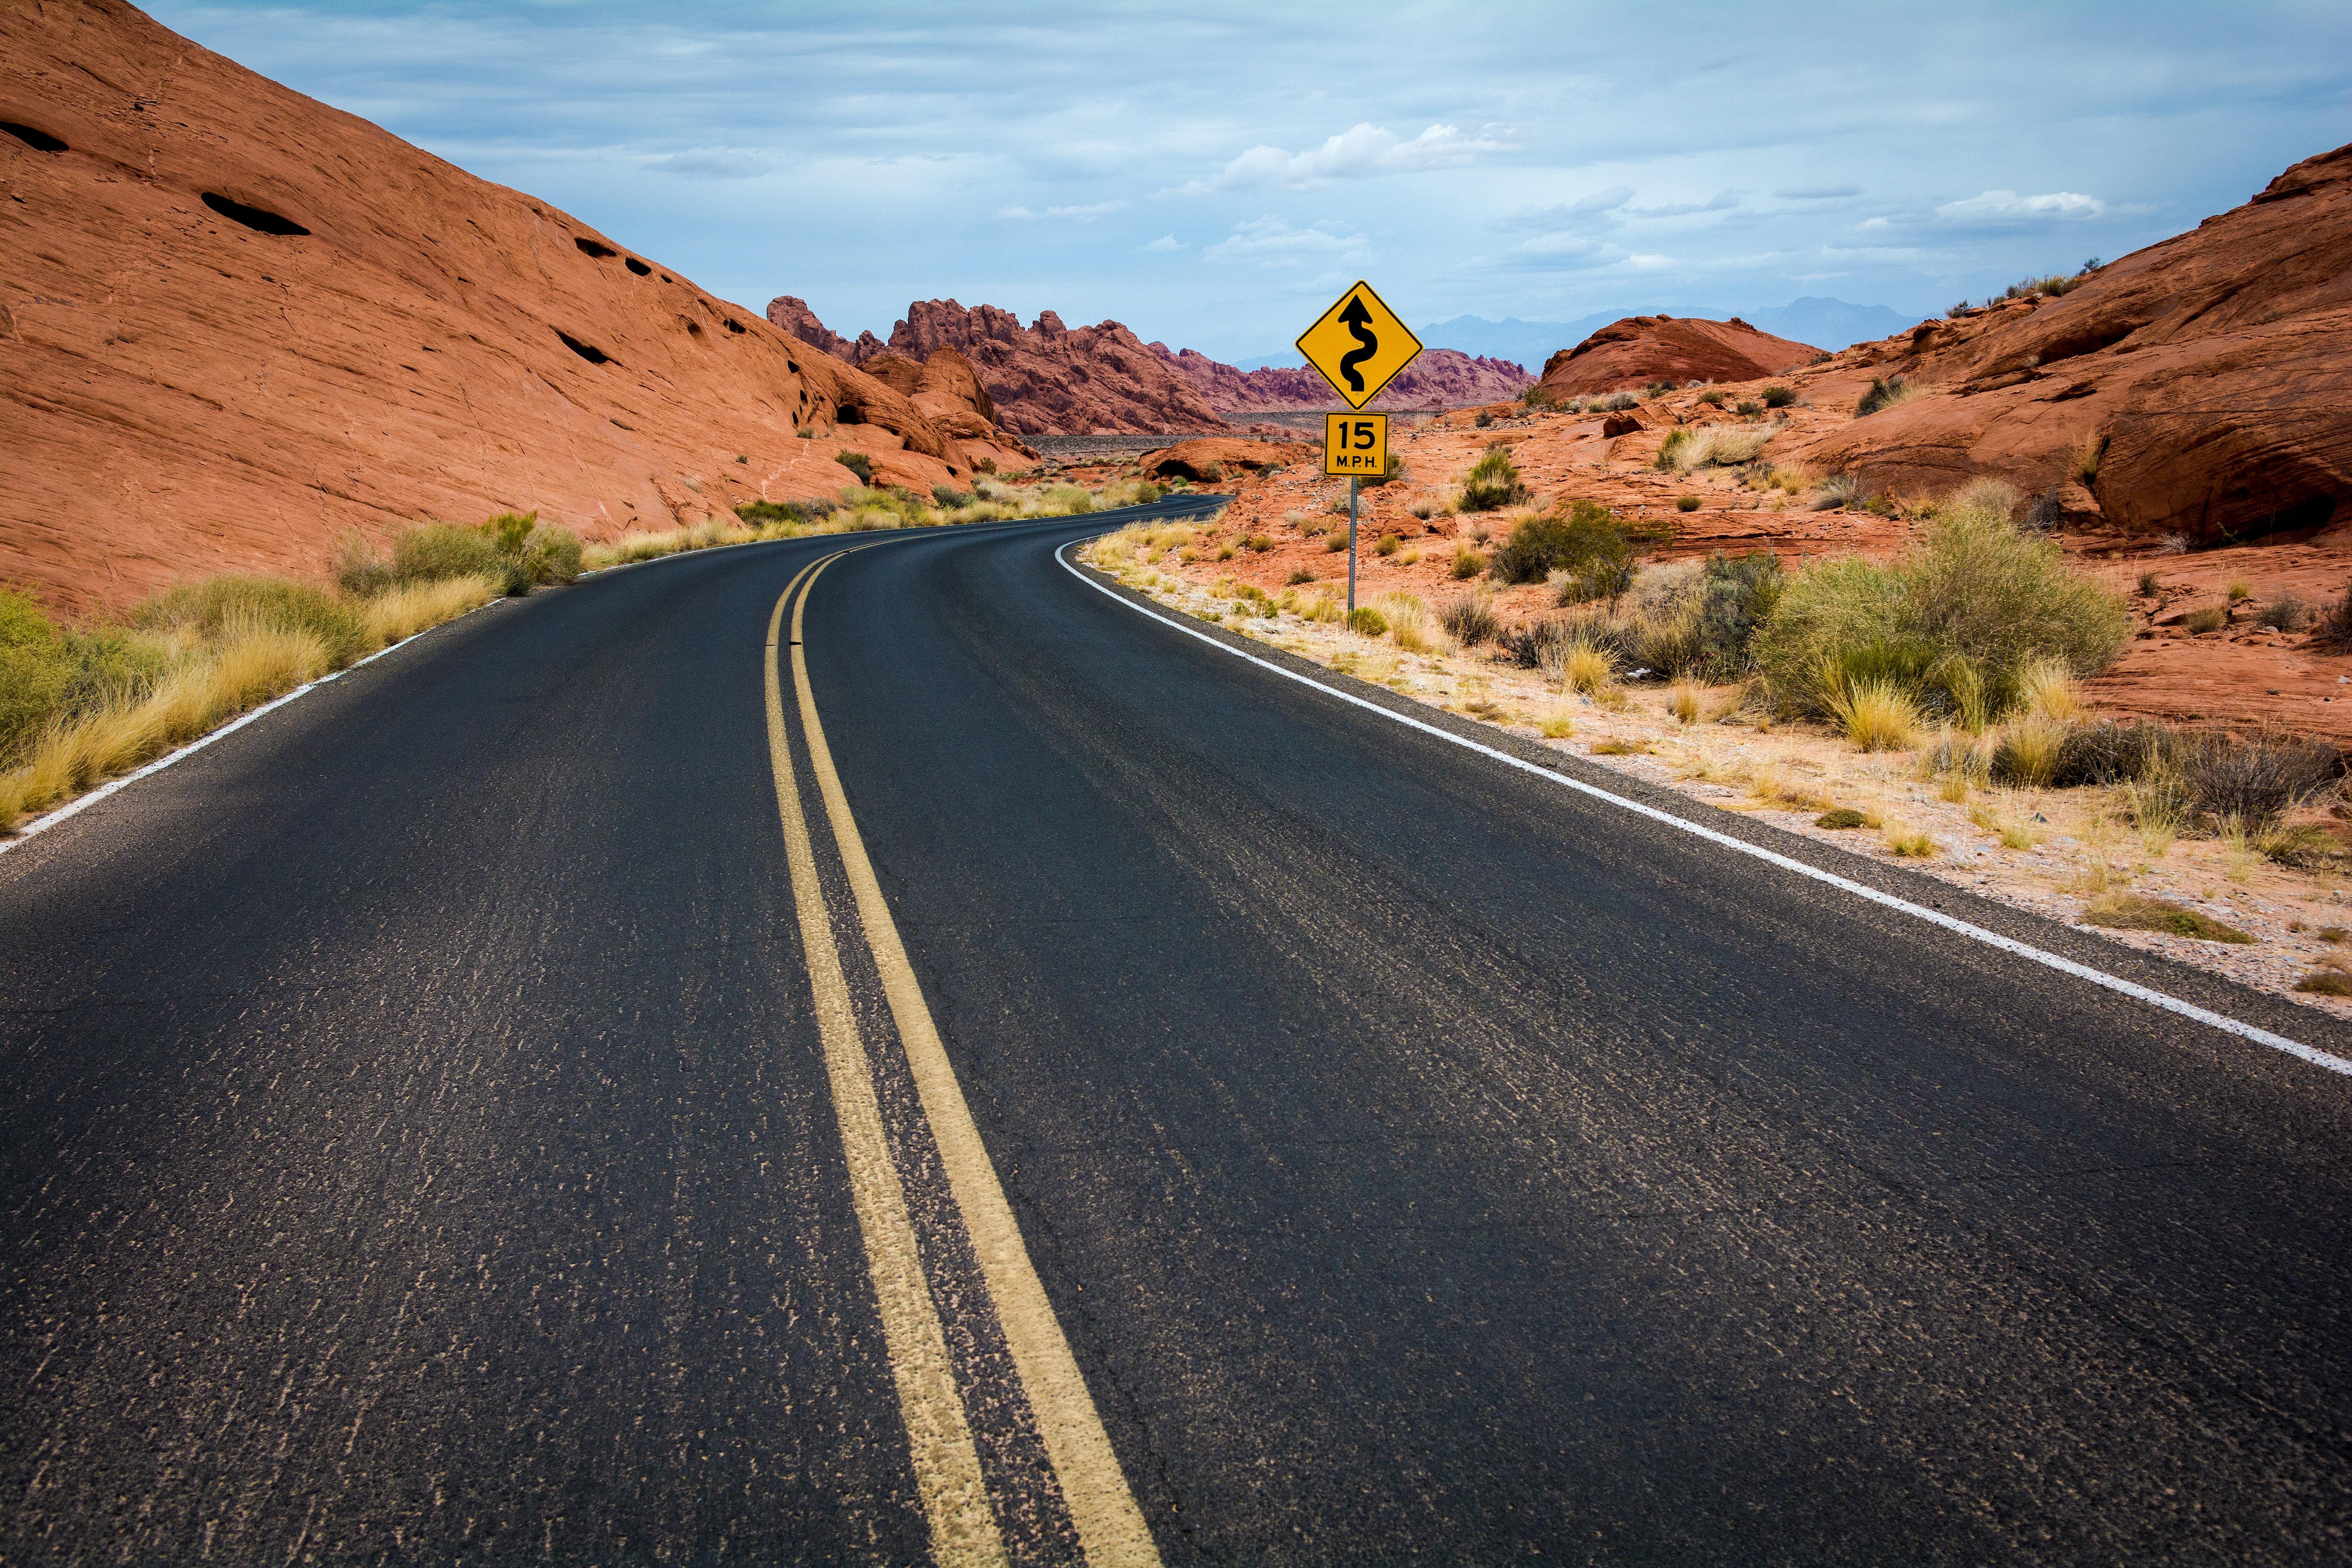 фото дорог америки впечатление что это